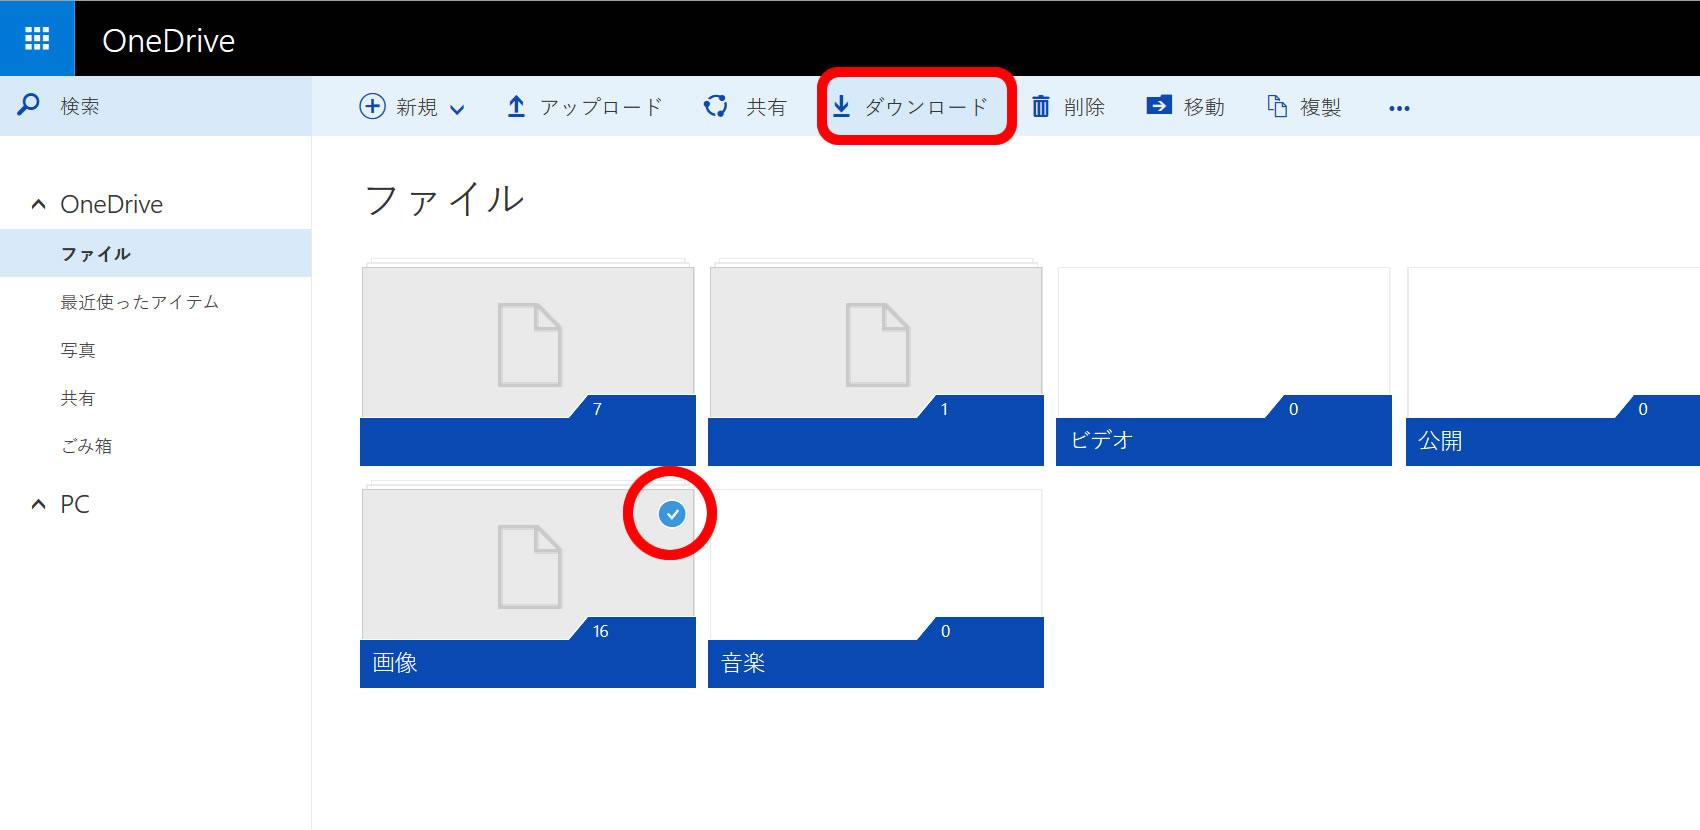 OneDriveからファイルをダウンロードする - Hello World - テクニカル ...